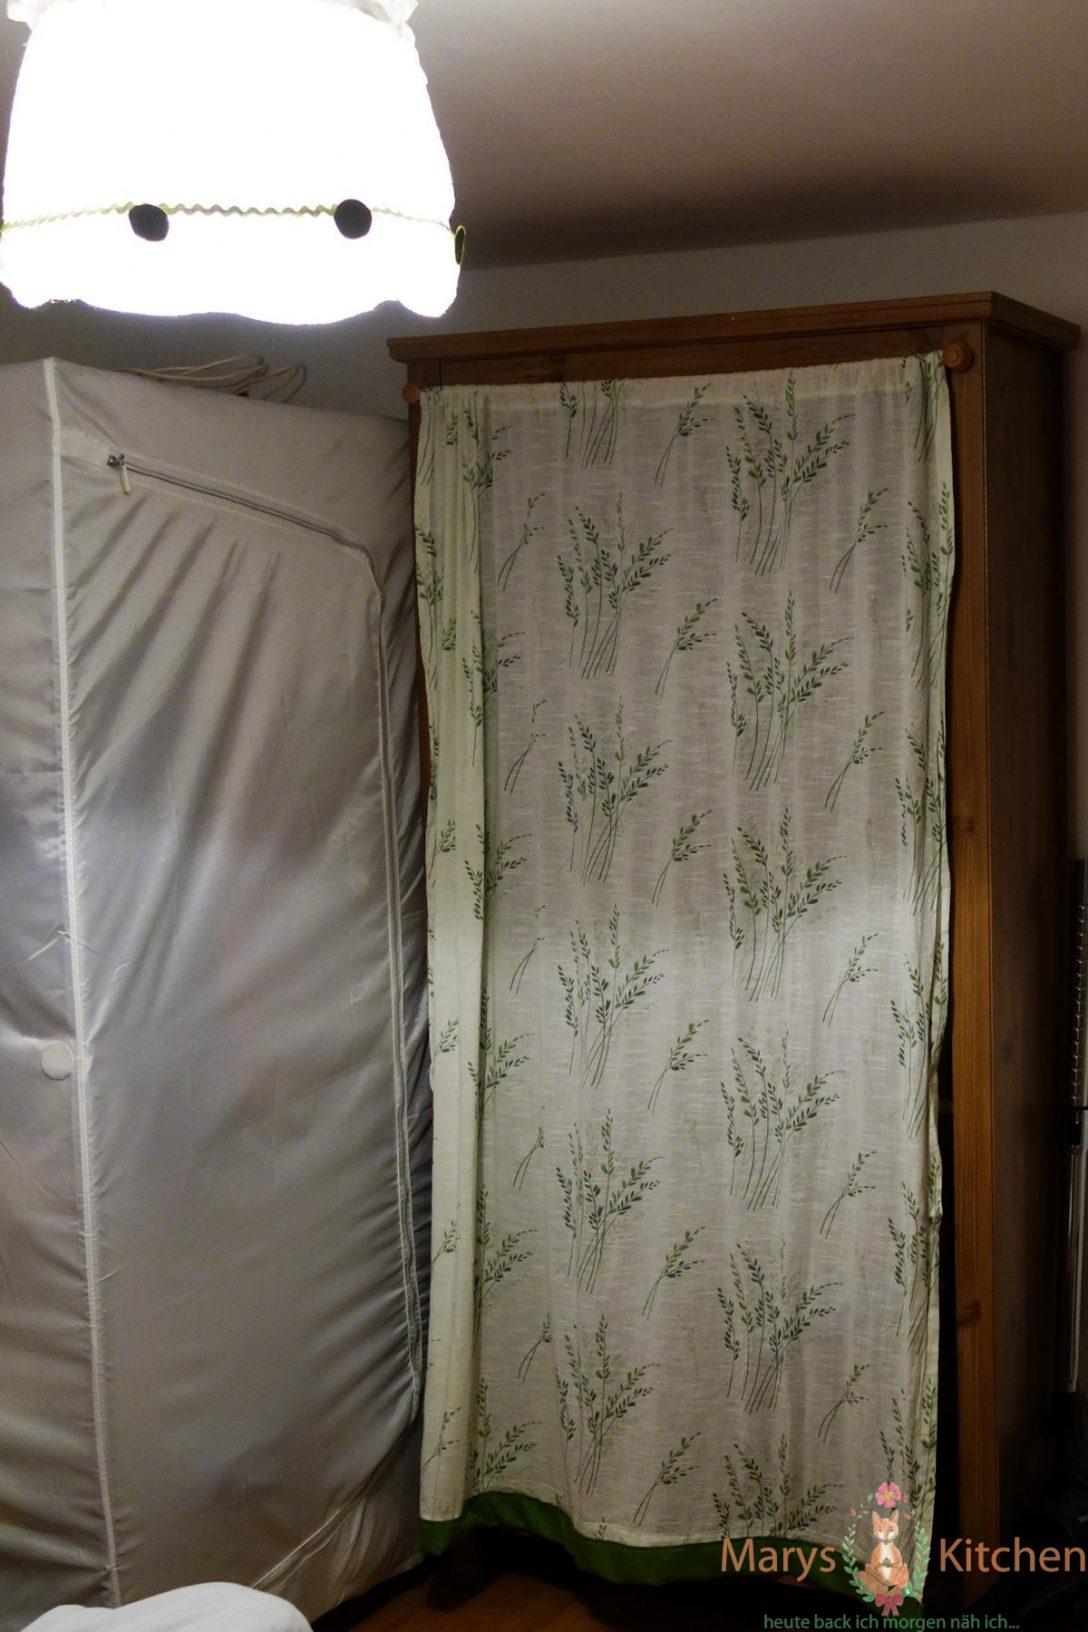 Large Size of Ikea Lampe Verschnern Und Passenden Vorhnge Dazu Betten 160x200 Wohnzimmer Vorhänge Küche Bei Miniküche Kosten Schlafzimmer Modulküche Sofa Mit Wohnzimmer Vorhänge Ikea